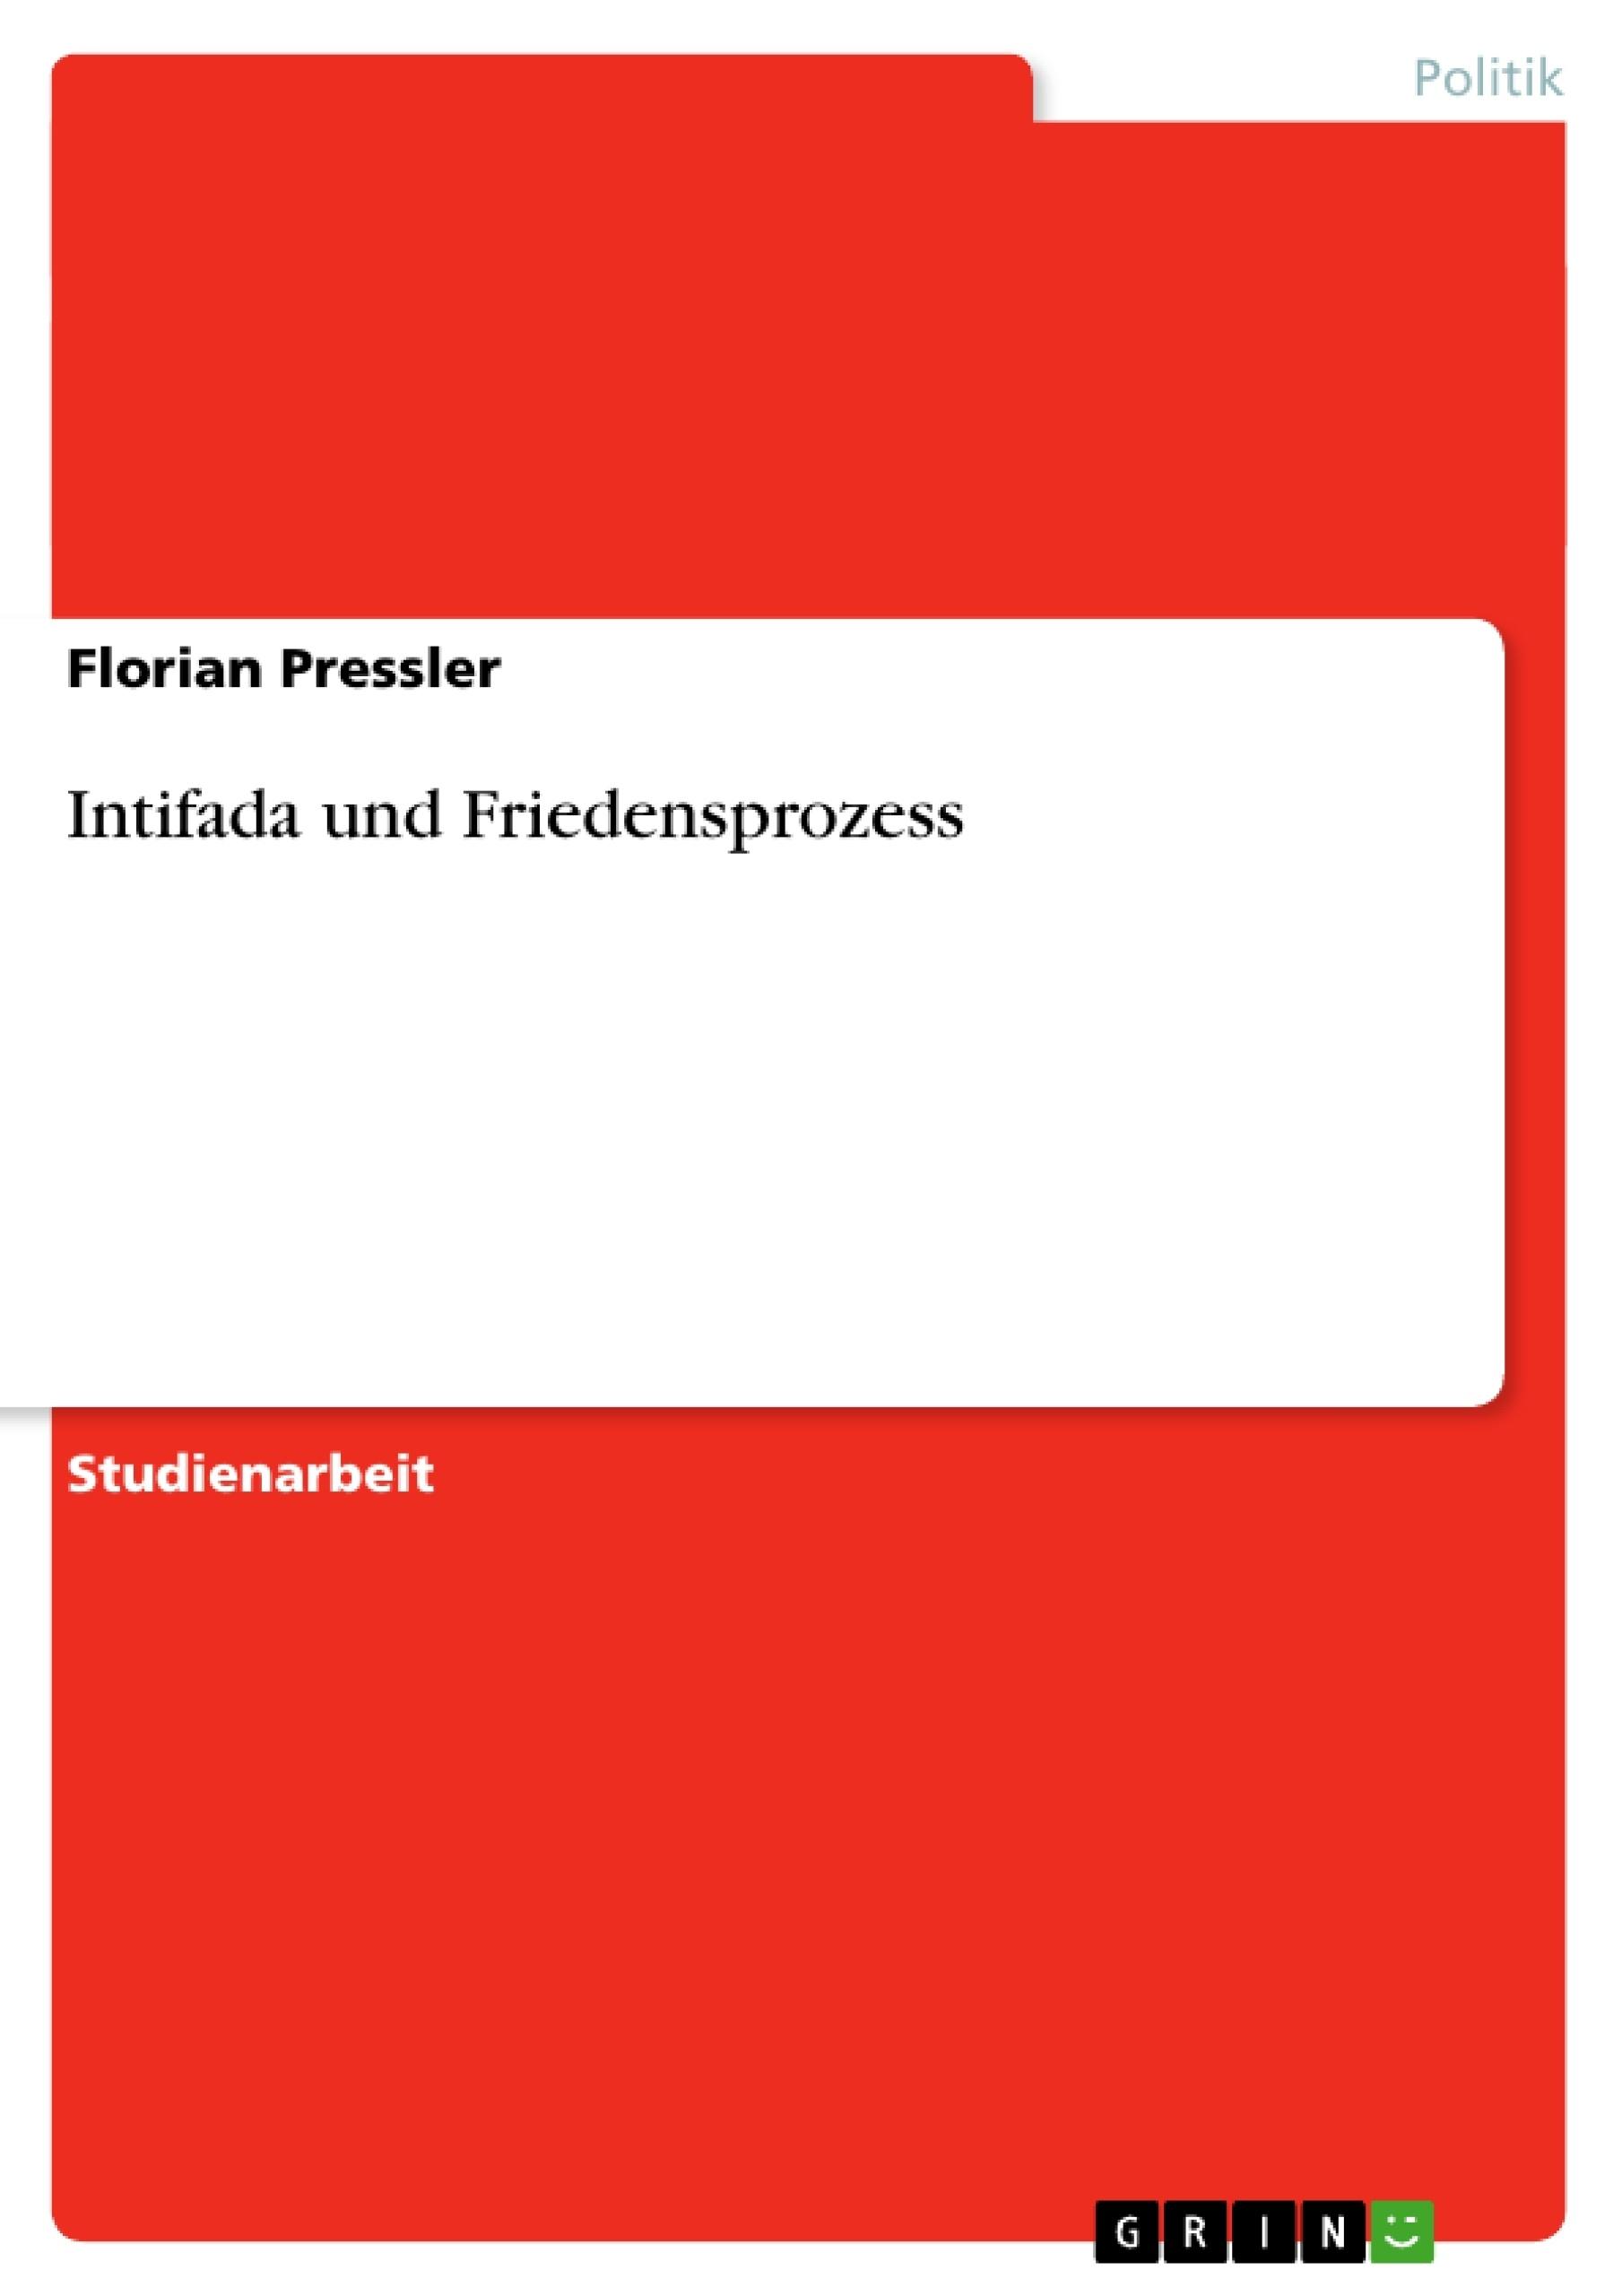 Titel: Intifada und Friedensprozess